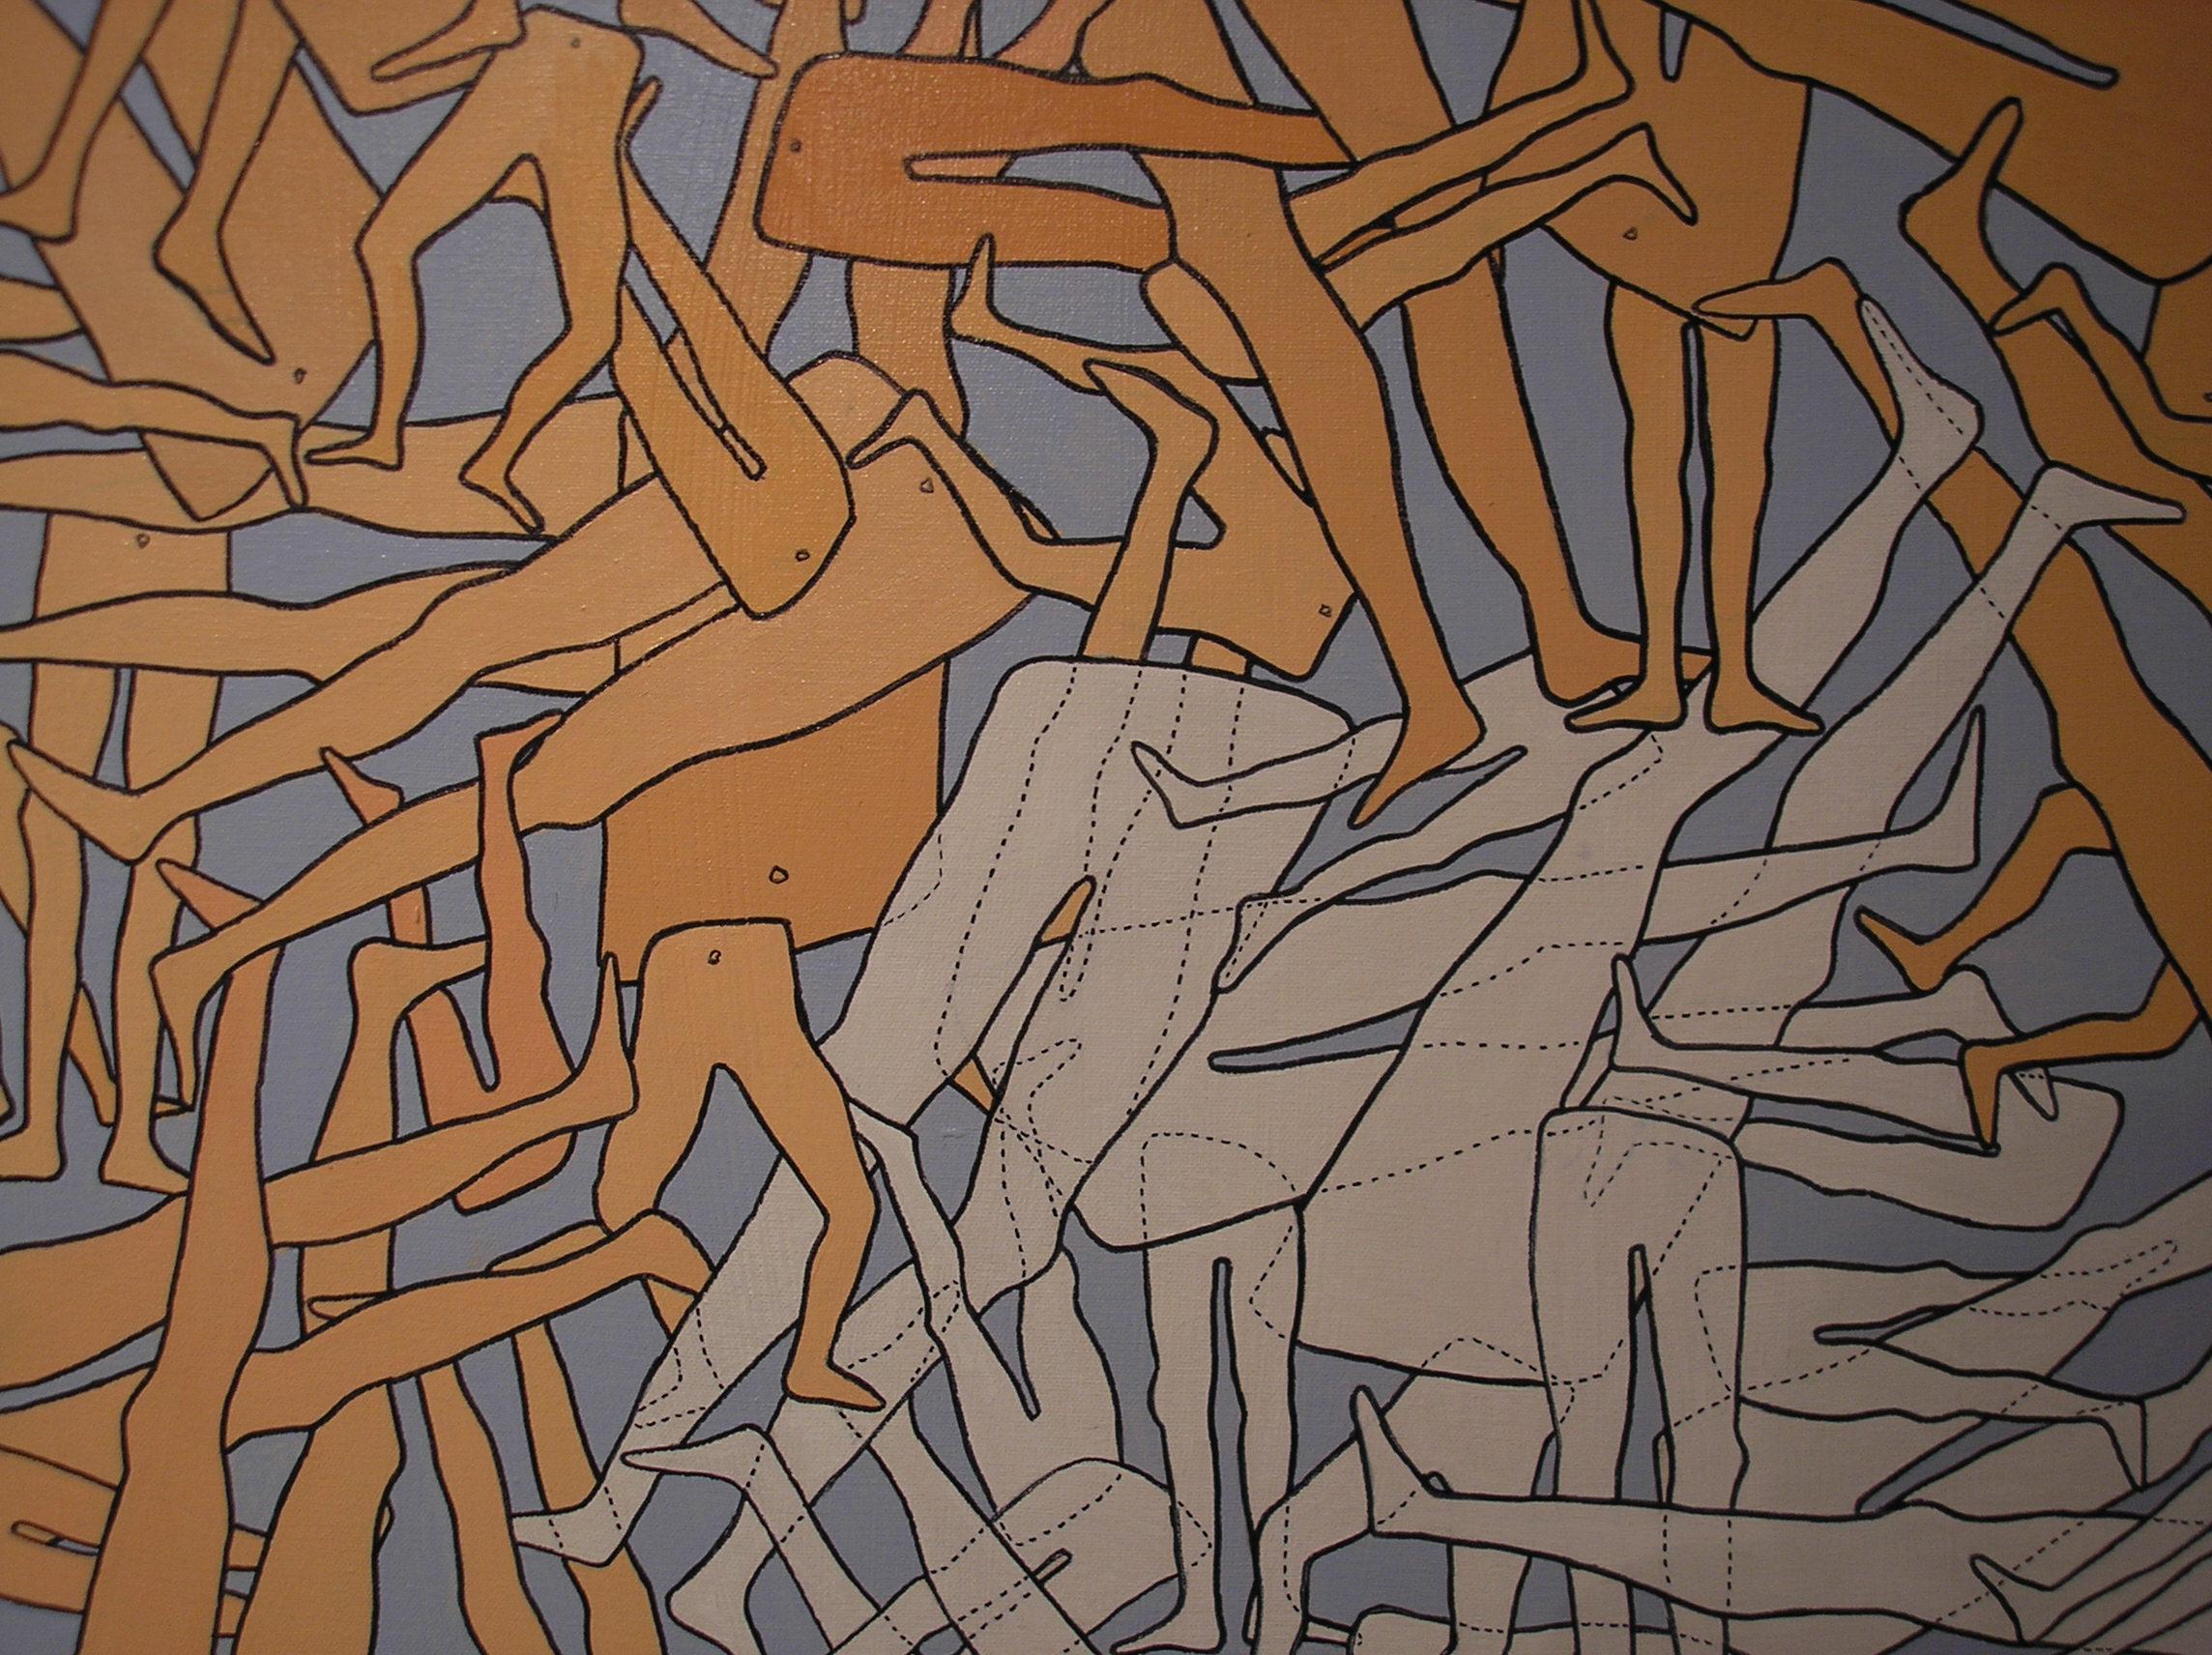 legs_detail.jpg